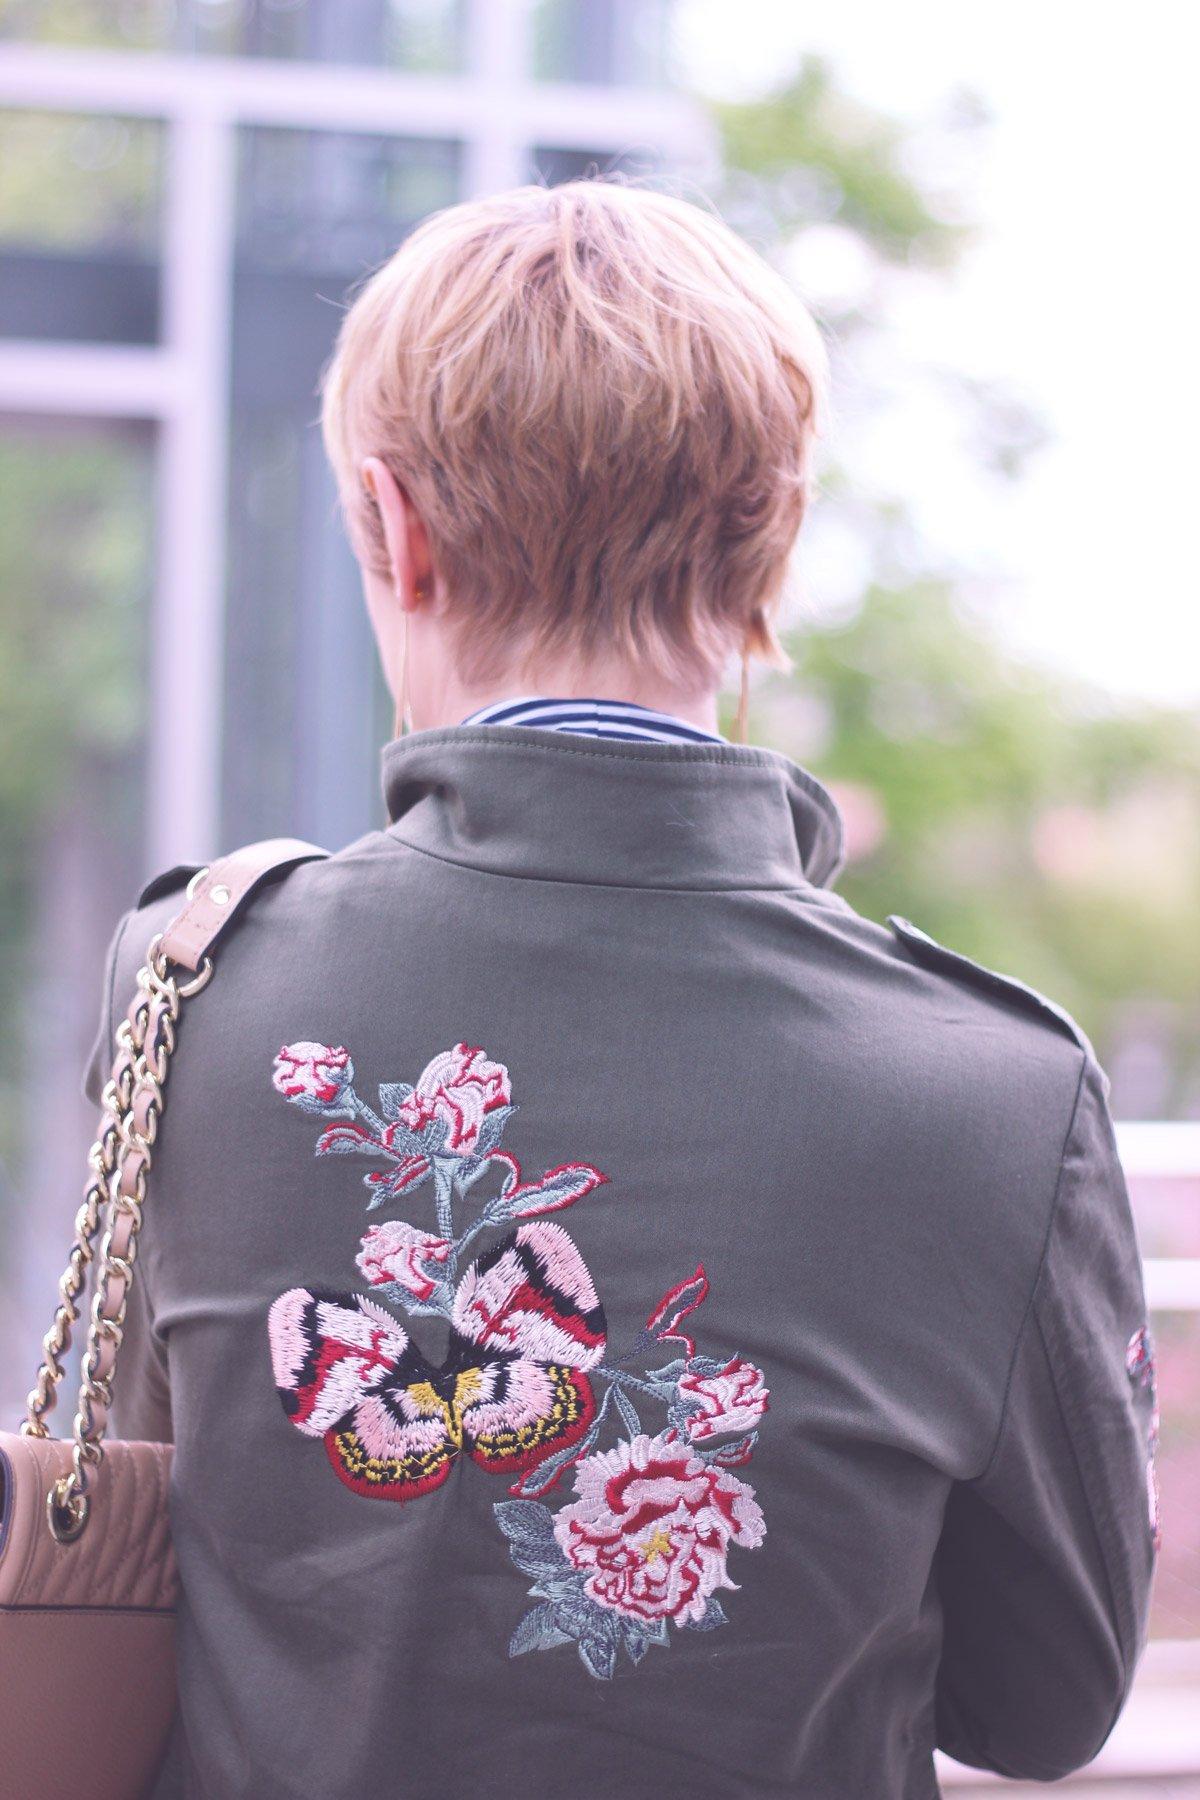 Urlaubsmitbringsel, Schluppenbluse, transparent, Conny Doll, Skinny, Jacke mit Stickerei, KL-Tasche